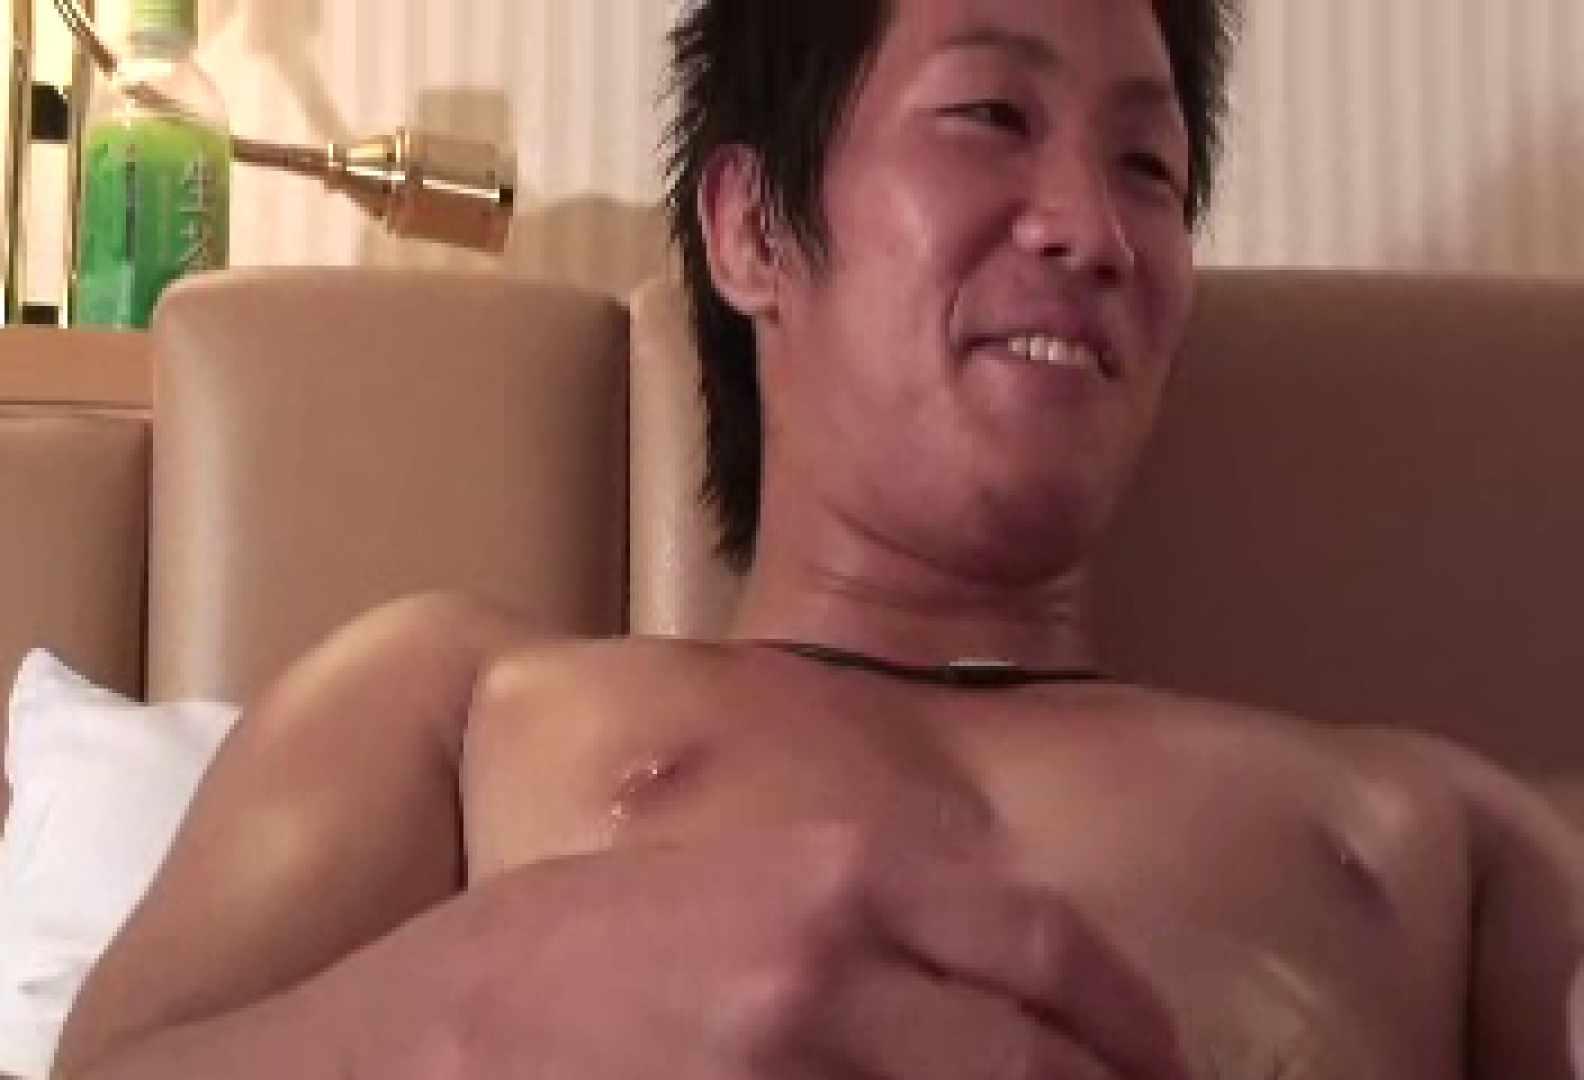 スリ筋!!Nice Finish!!vol.02 エロ動画 ゲイセックス画像 79枚 64